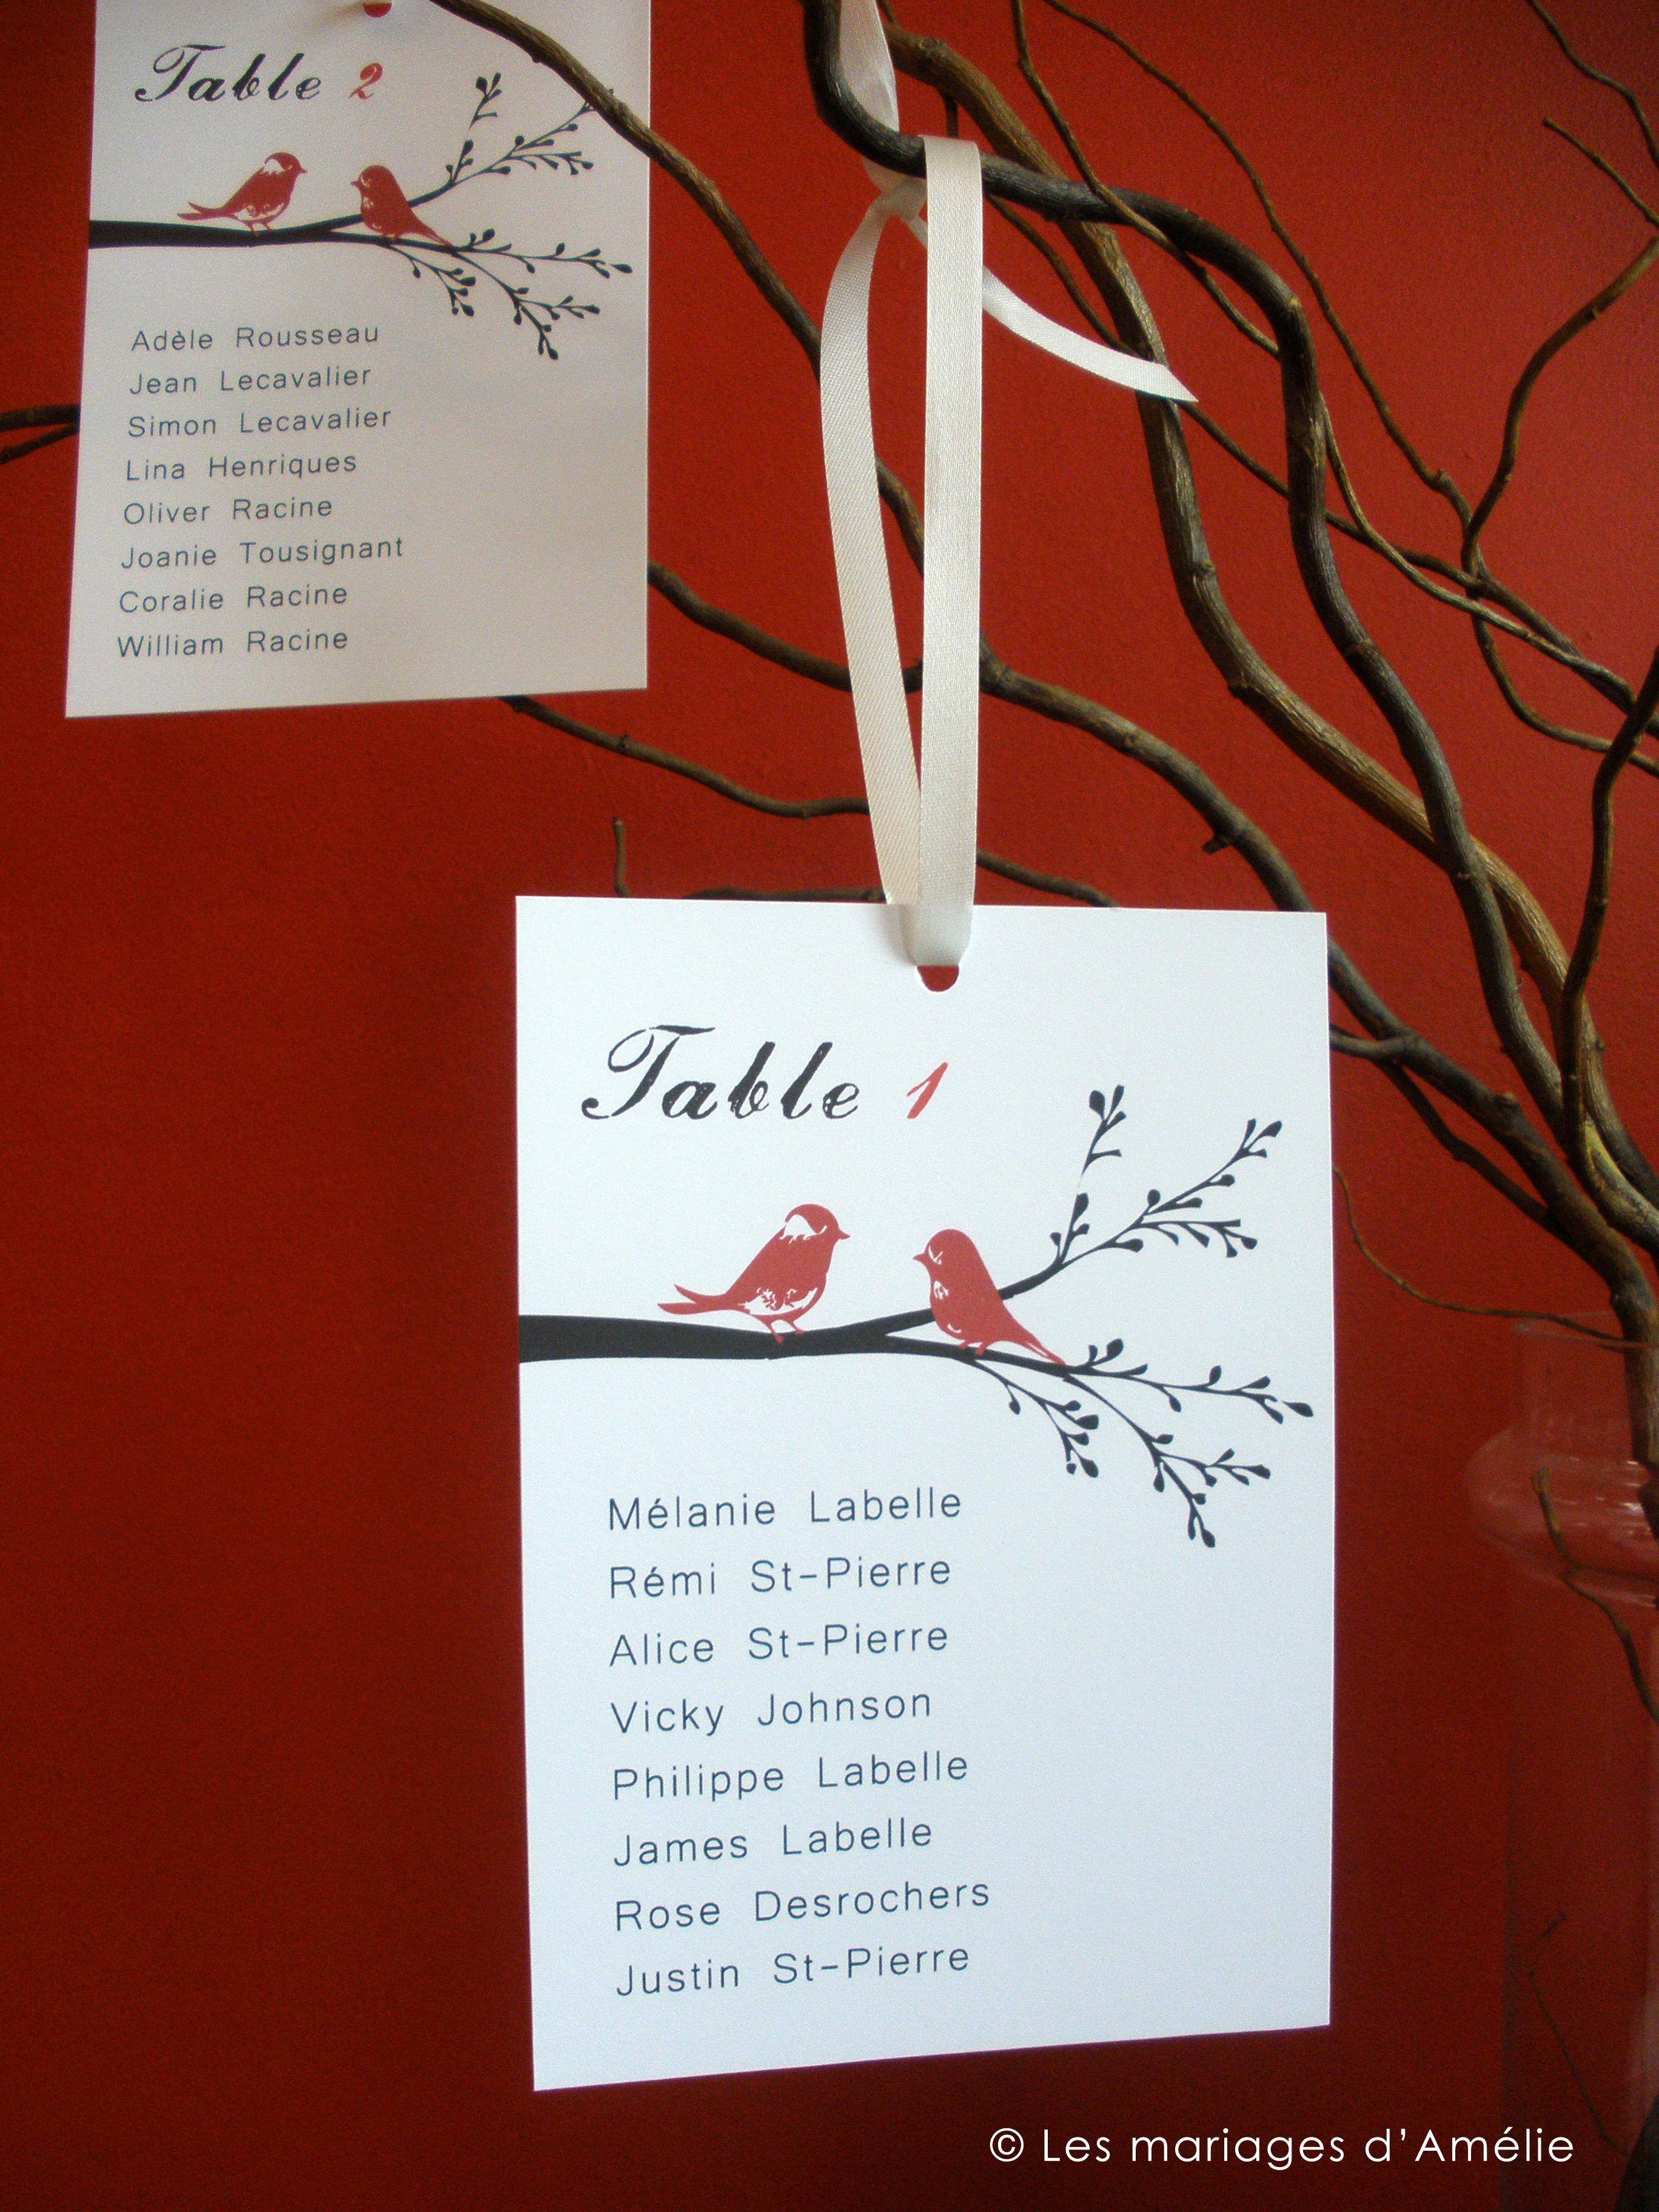 Fabuleux Des branches pour le plan de tables | Les mariages d'Amélie SF42